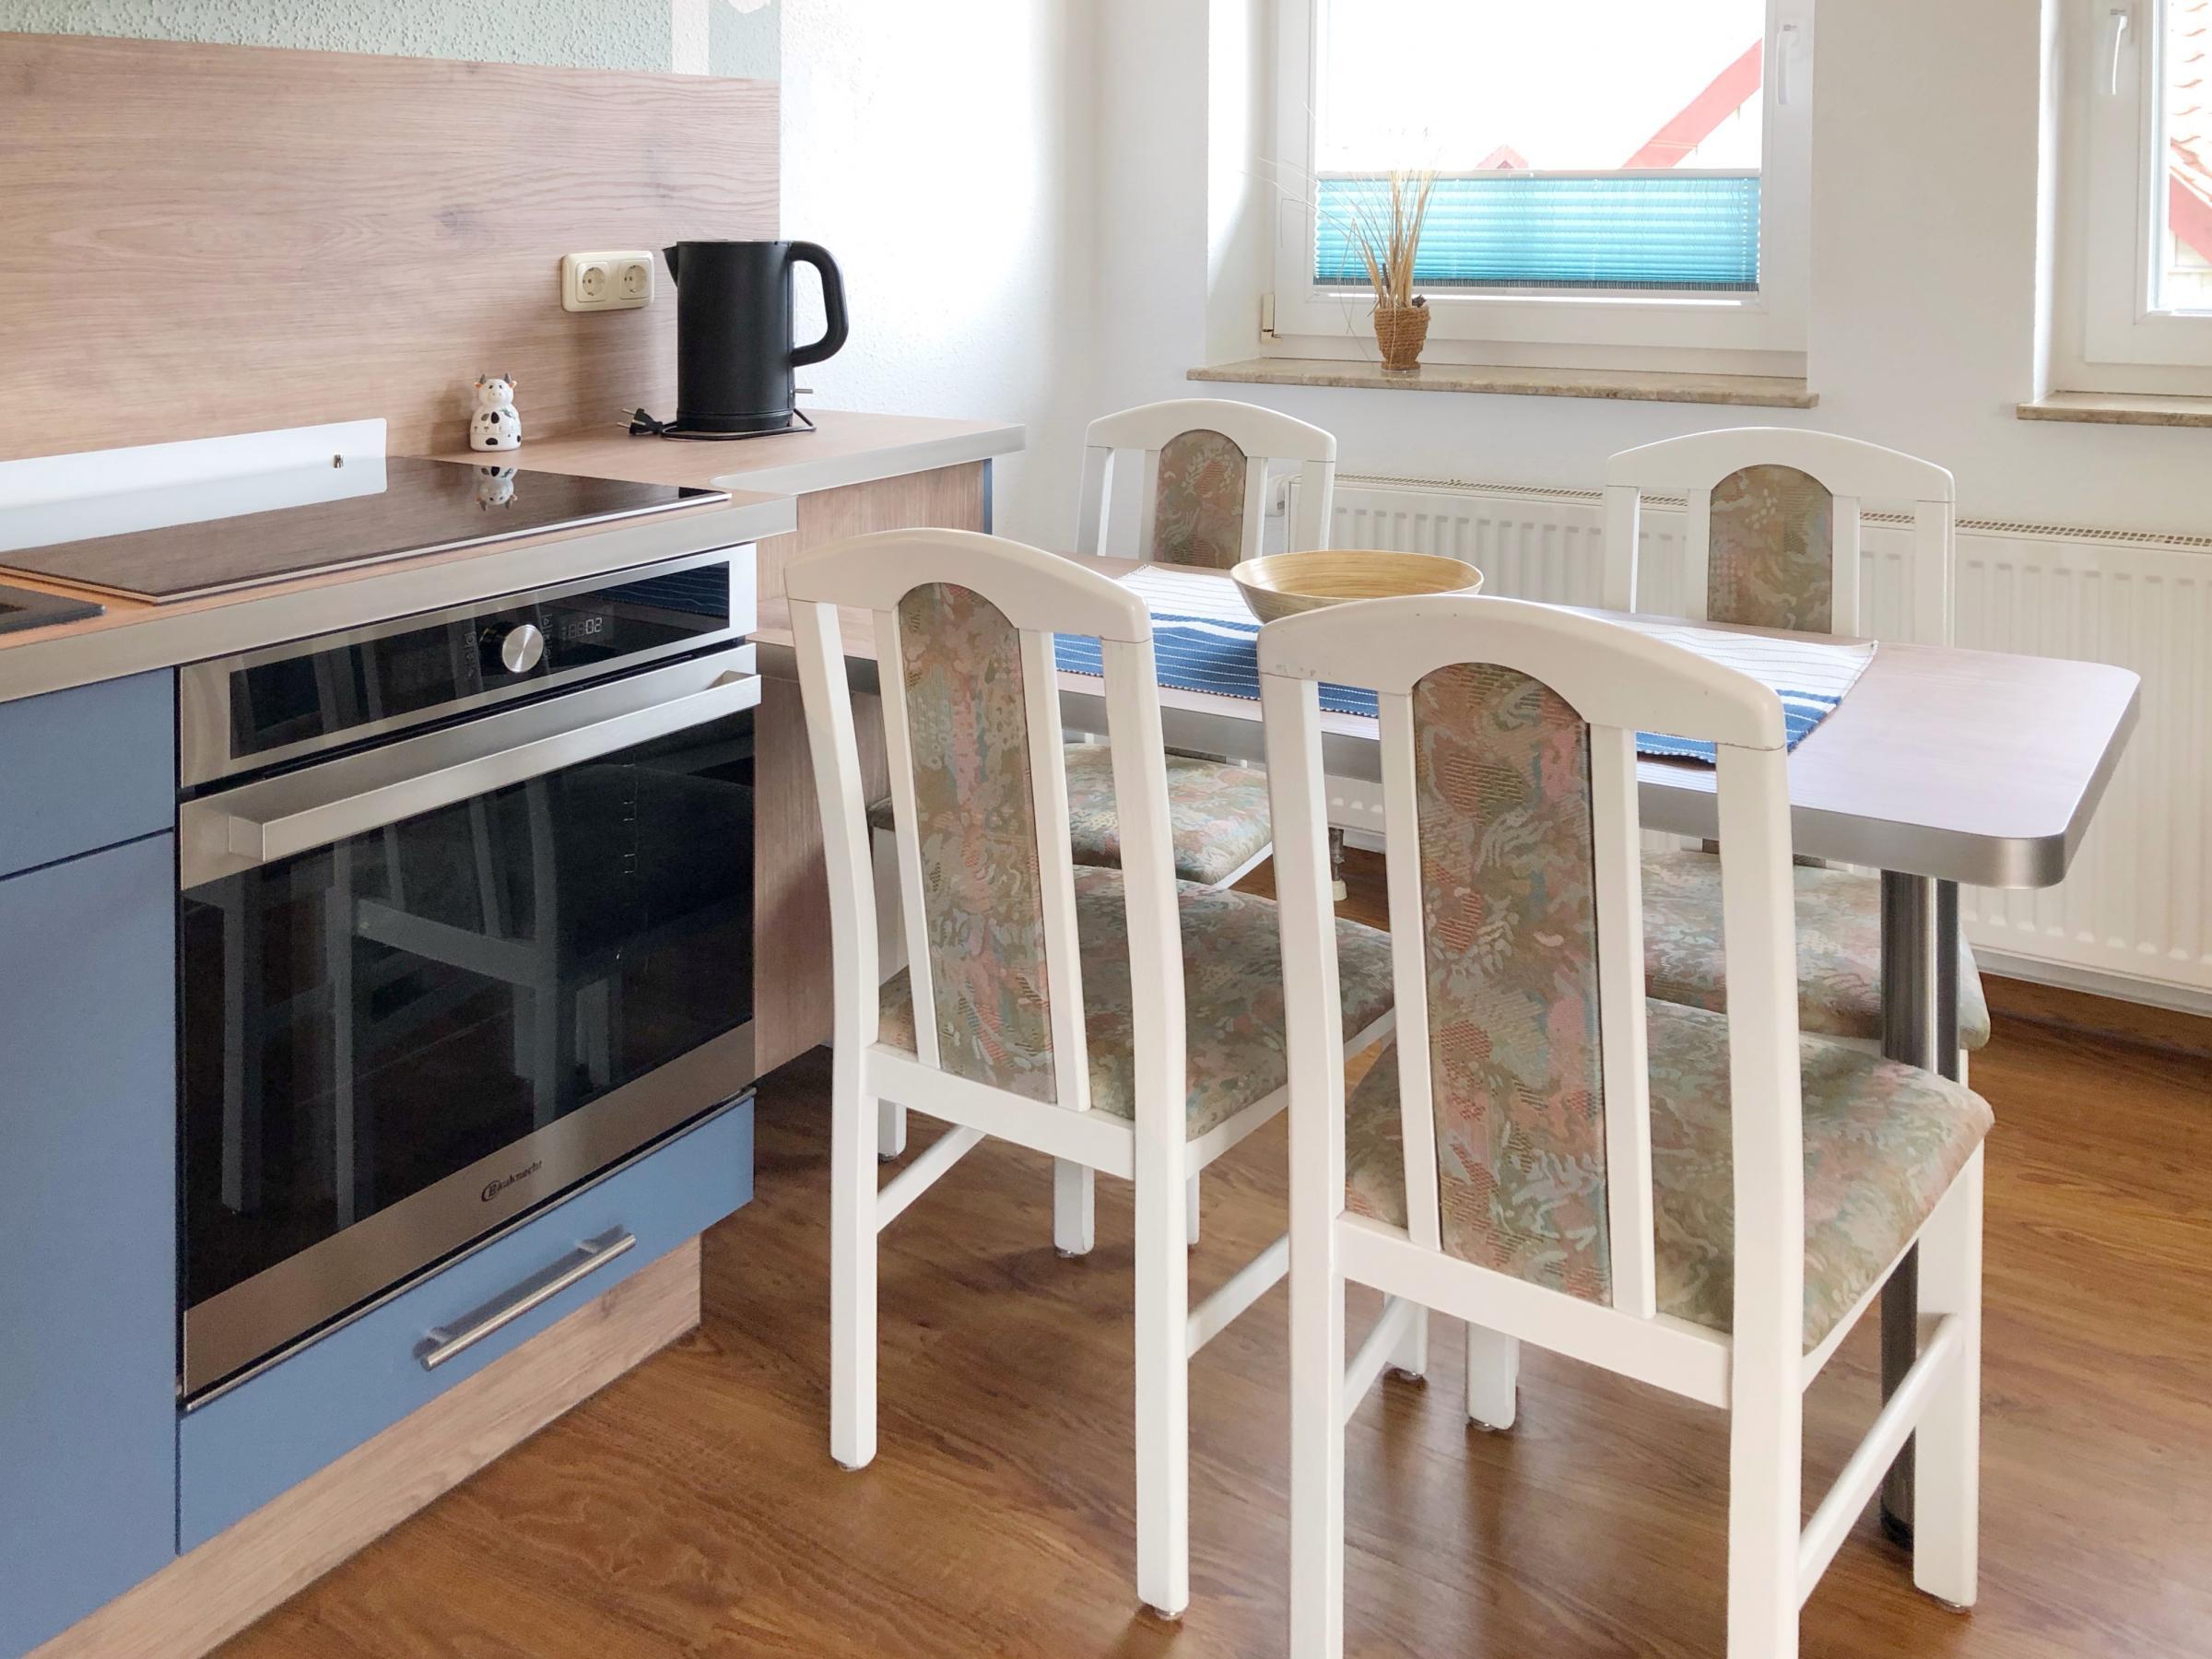 In die Küchenzeile integriert: Esstisch mit 4 Sitzmöglichkeiten